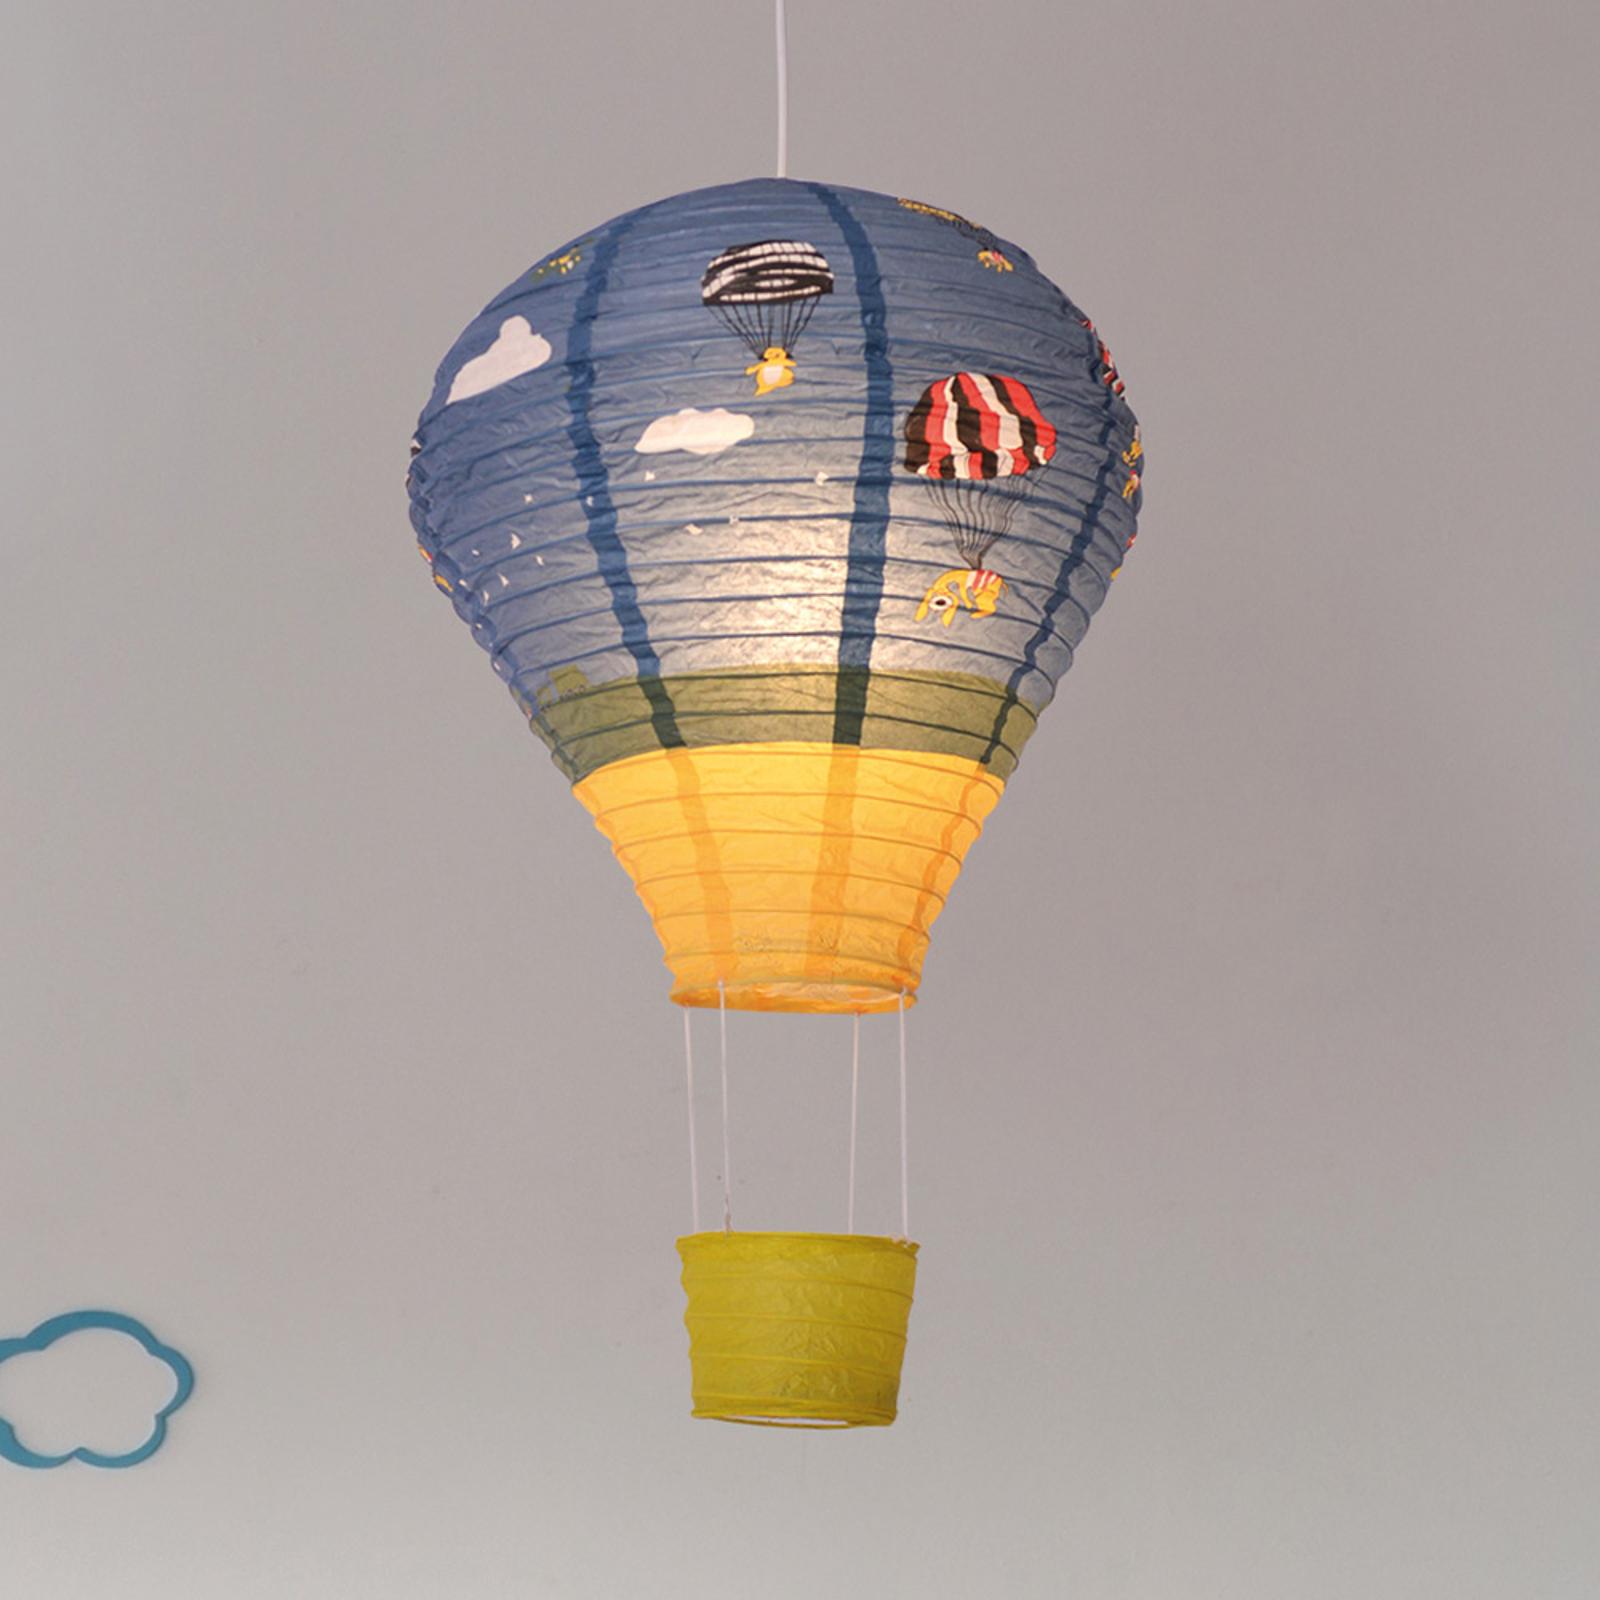 Hängeleuchte Ballon aus Reispapier